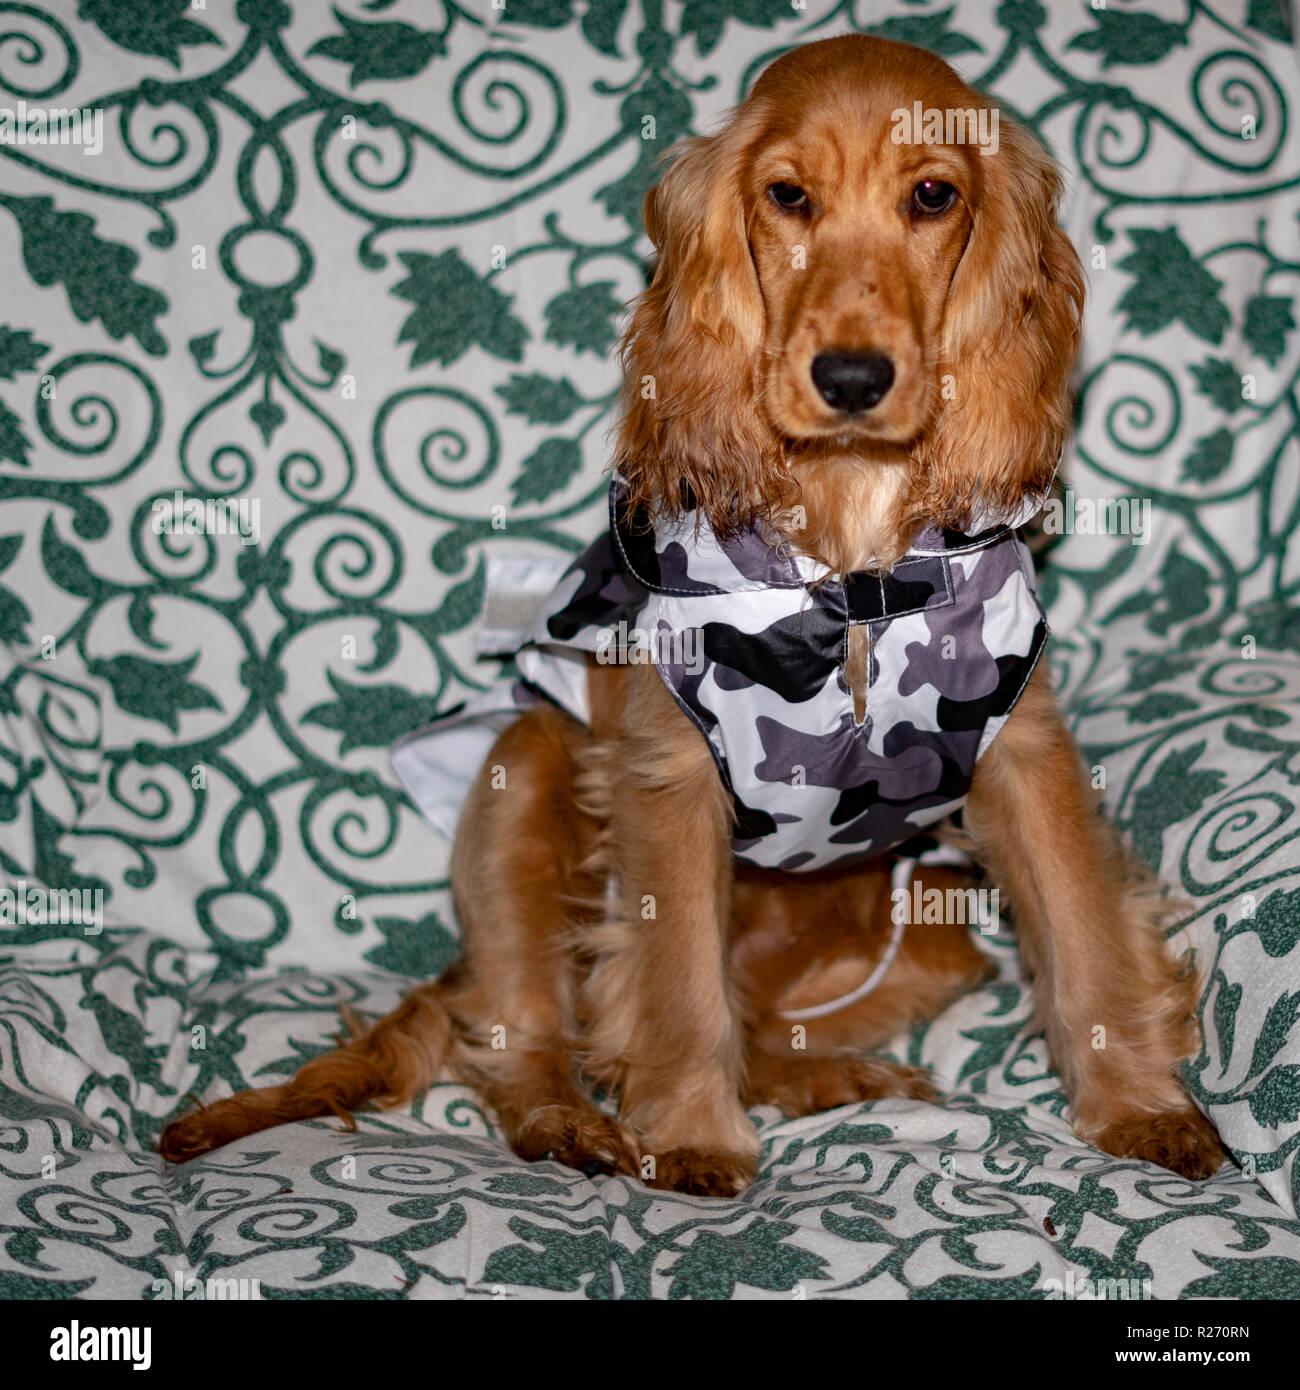 Adorabile Cucciolo Di Cane Cocker Spaniel Ritratto Con Militar